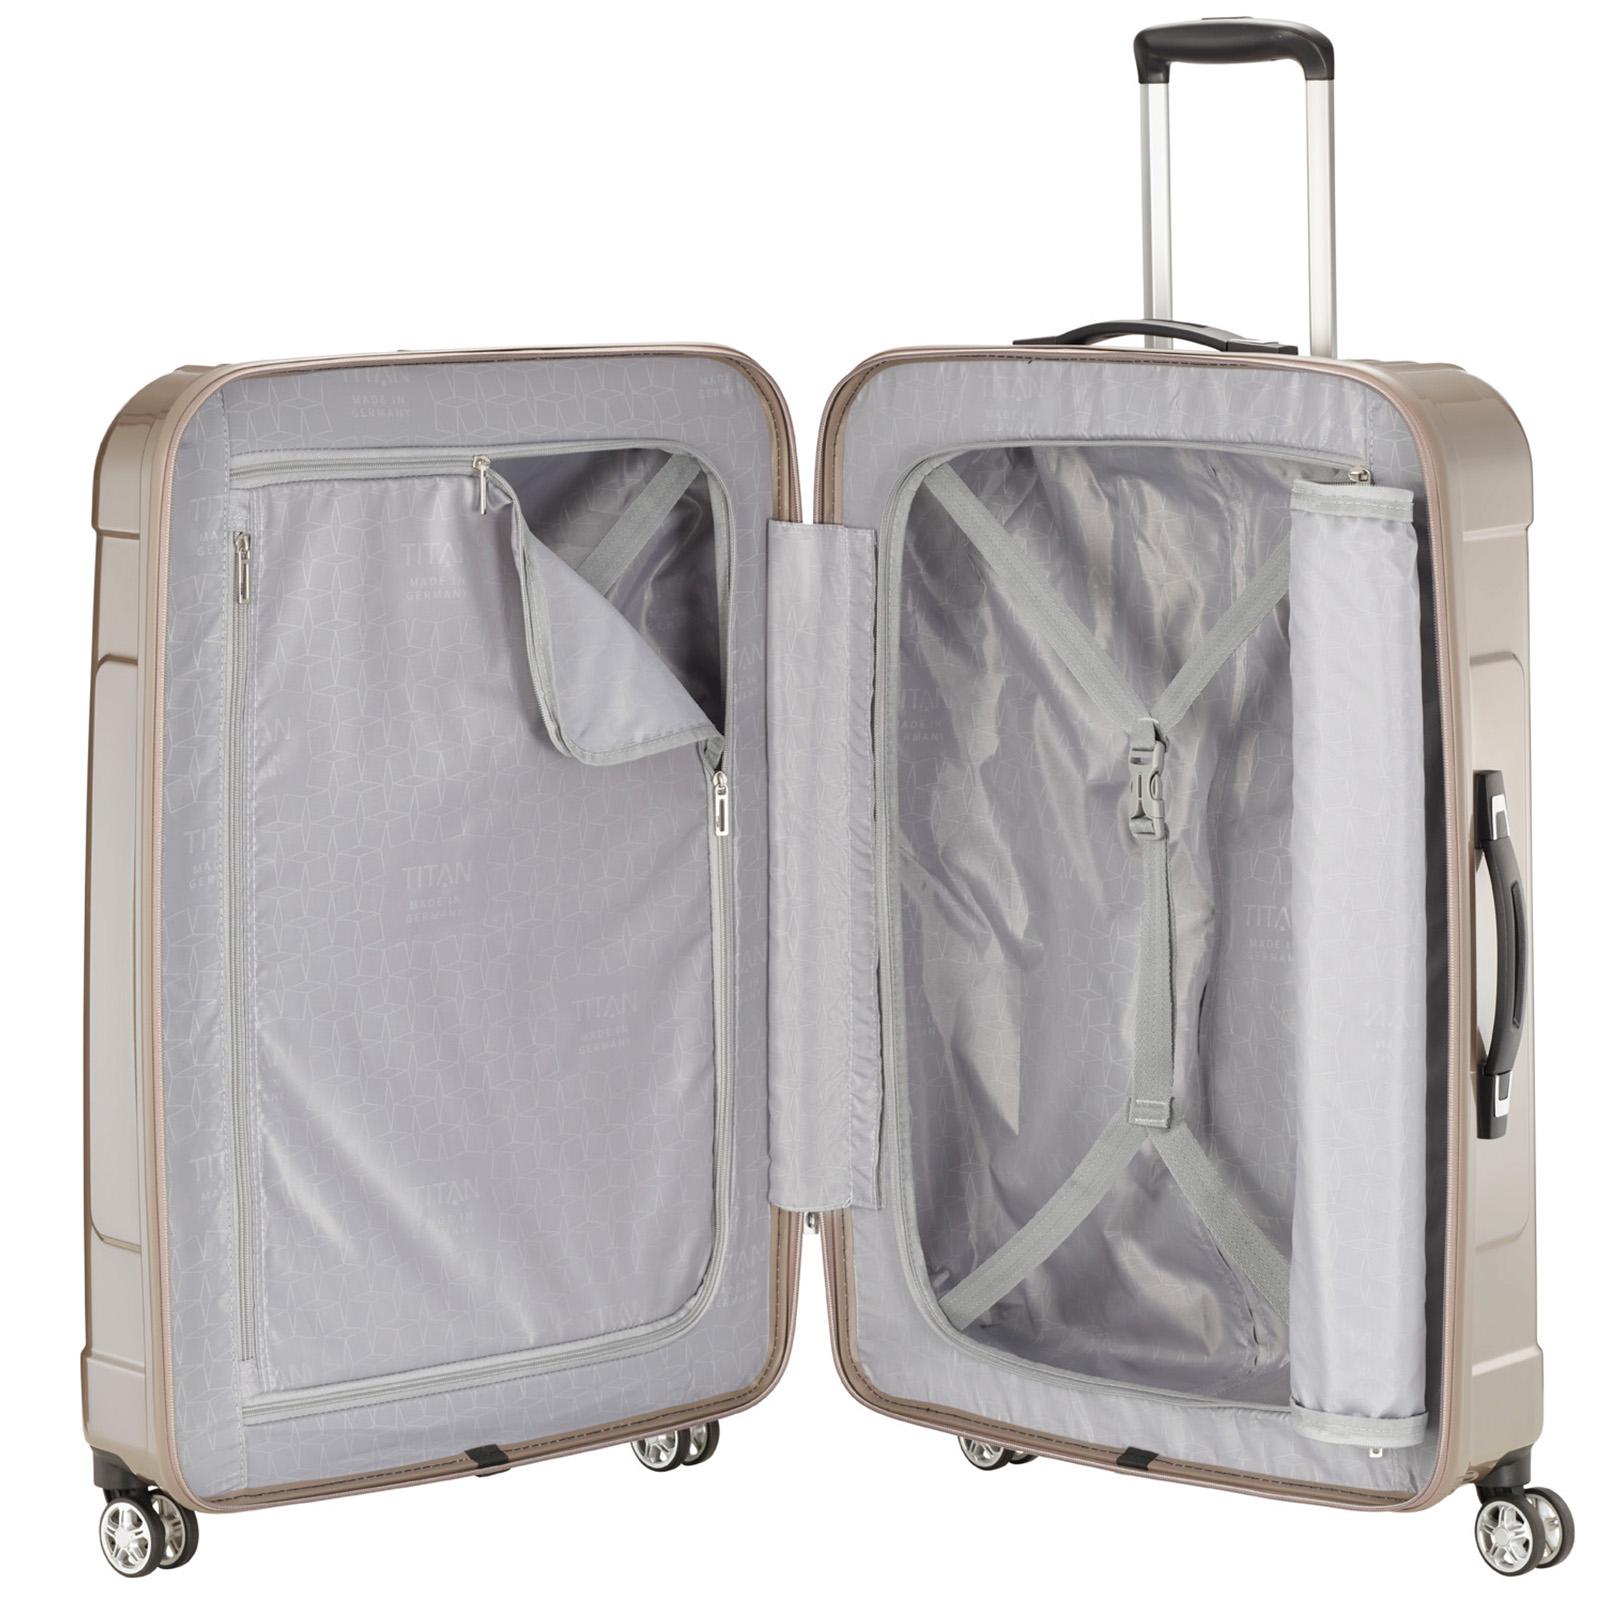 Büro & Schreibwaren Reisekoffer & -taschen Titan X-ray 4 Rad Trolley L 77 Cm Auswahlmaterialien